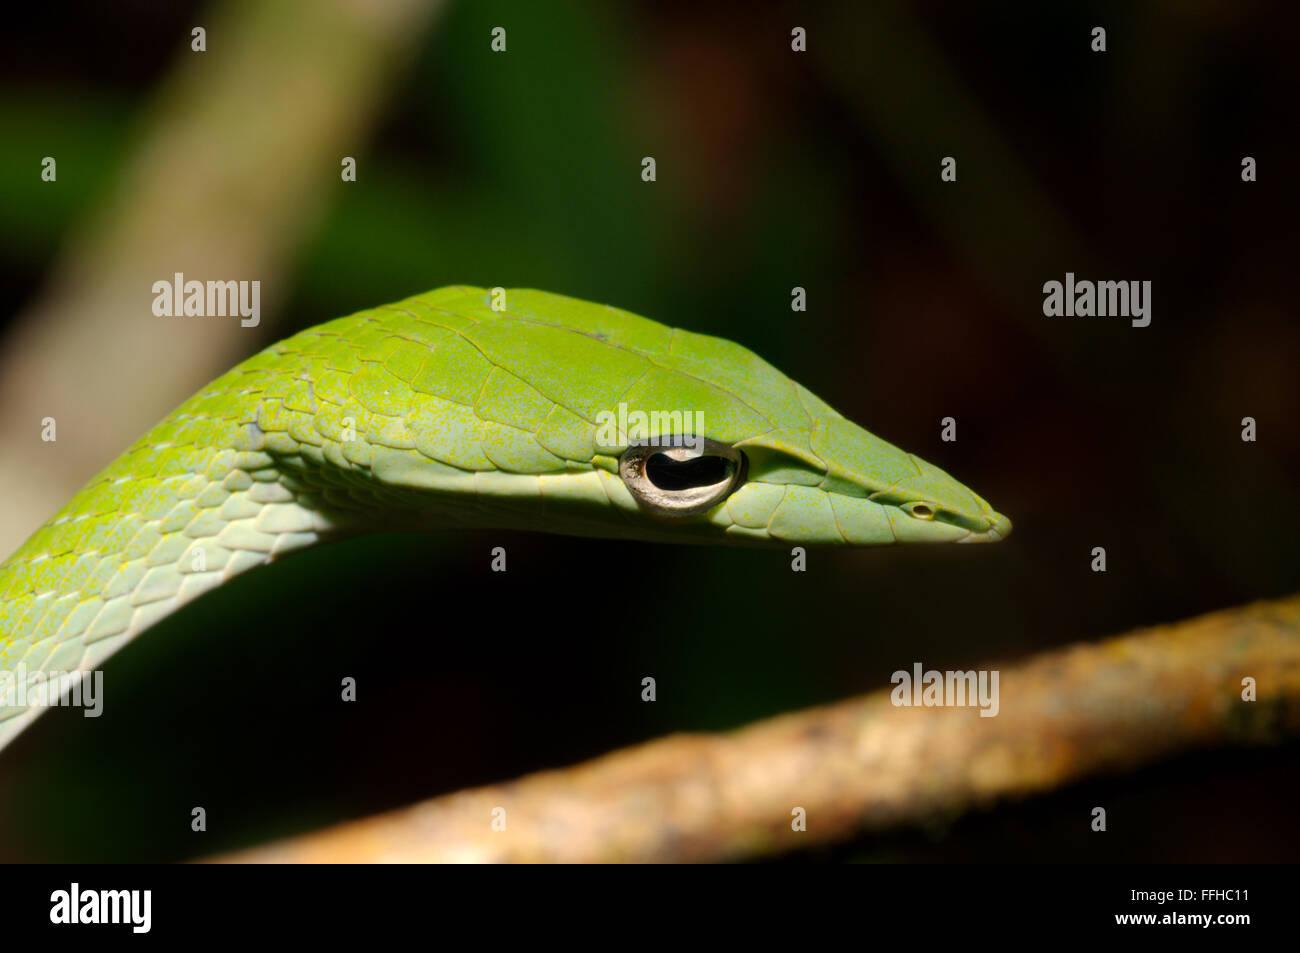 3 mars 2016 - Arbre bec long serpent, serpent de vigne verte, Whip bec long serpent ou serpent de vigne asiatique (Ahaetulla nasuta) la réserve forestière de Sinharaja, parc national, Sinharaja, Sri Lanka, l'Asie du Sud. © Andrey Nekrasov/ZUMA/ZUMAPRESS.com/Alamy fil Live News Banque D'Images